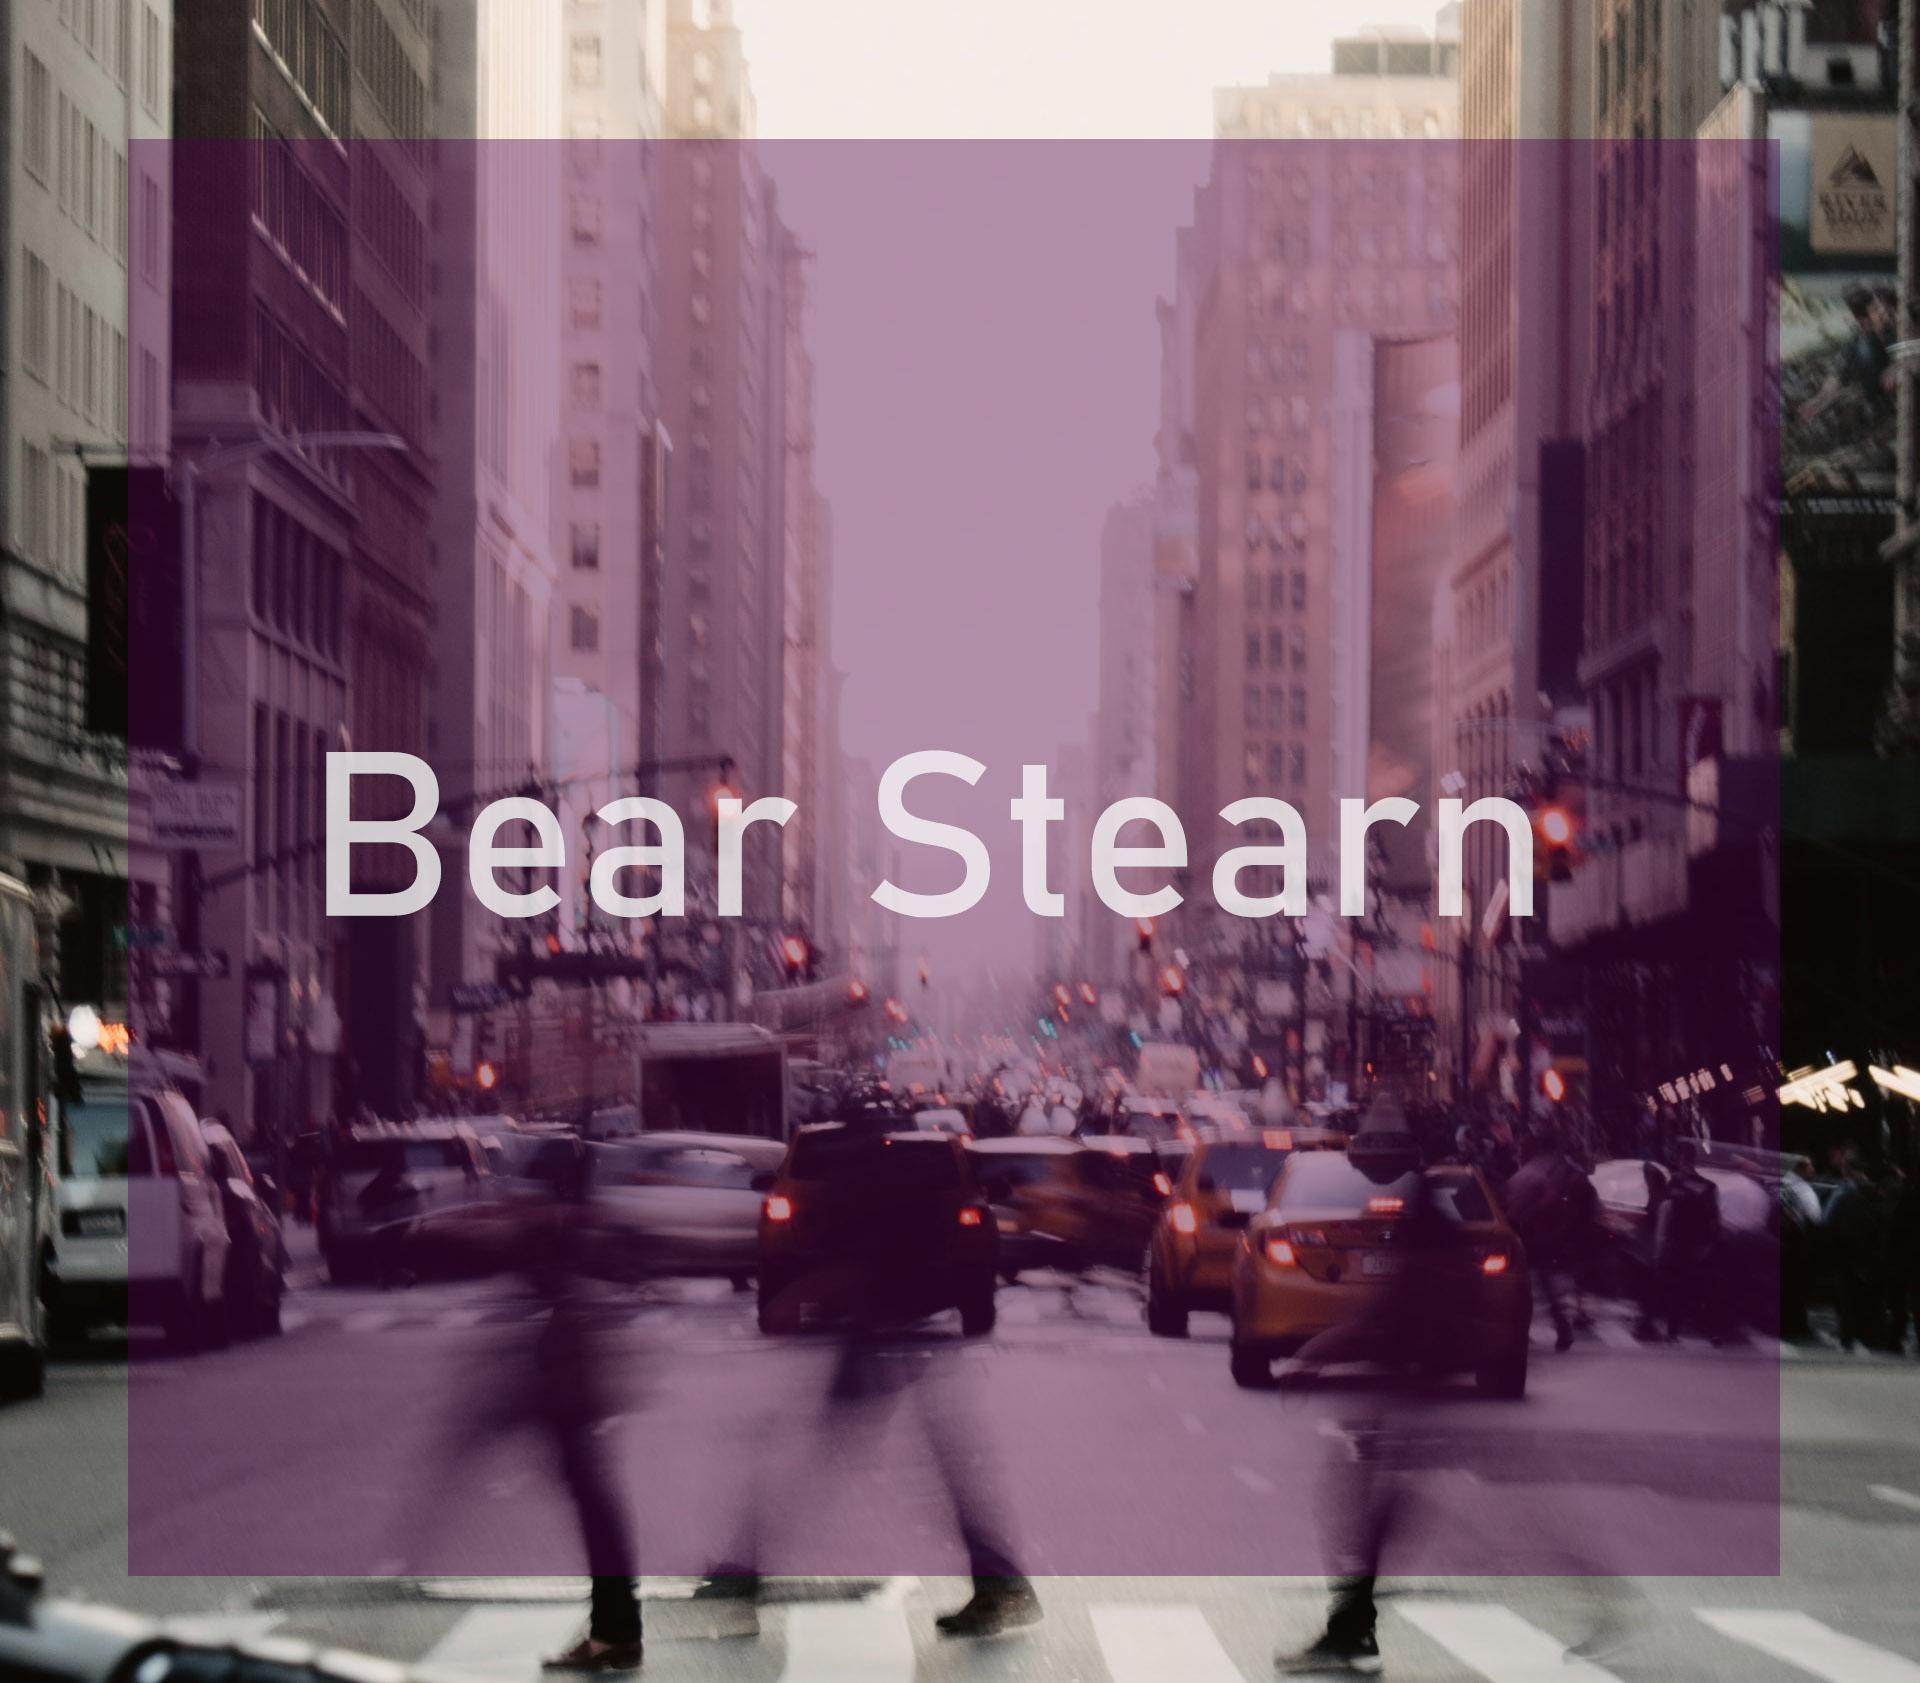 Bear Stearn